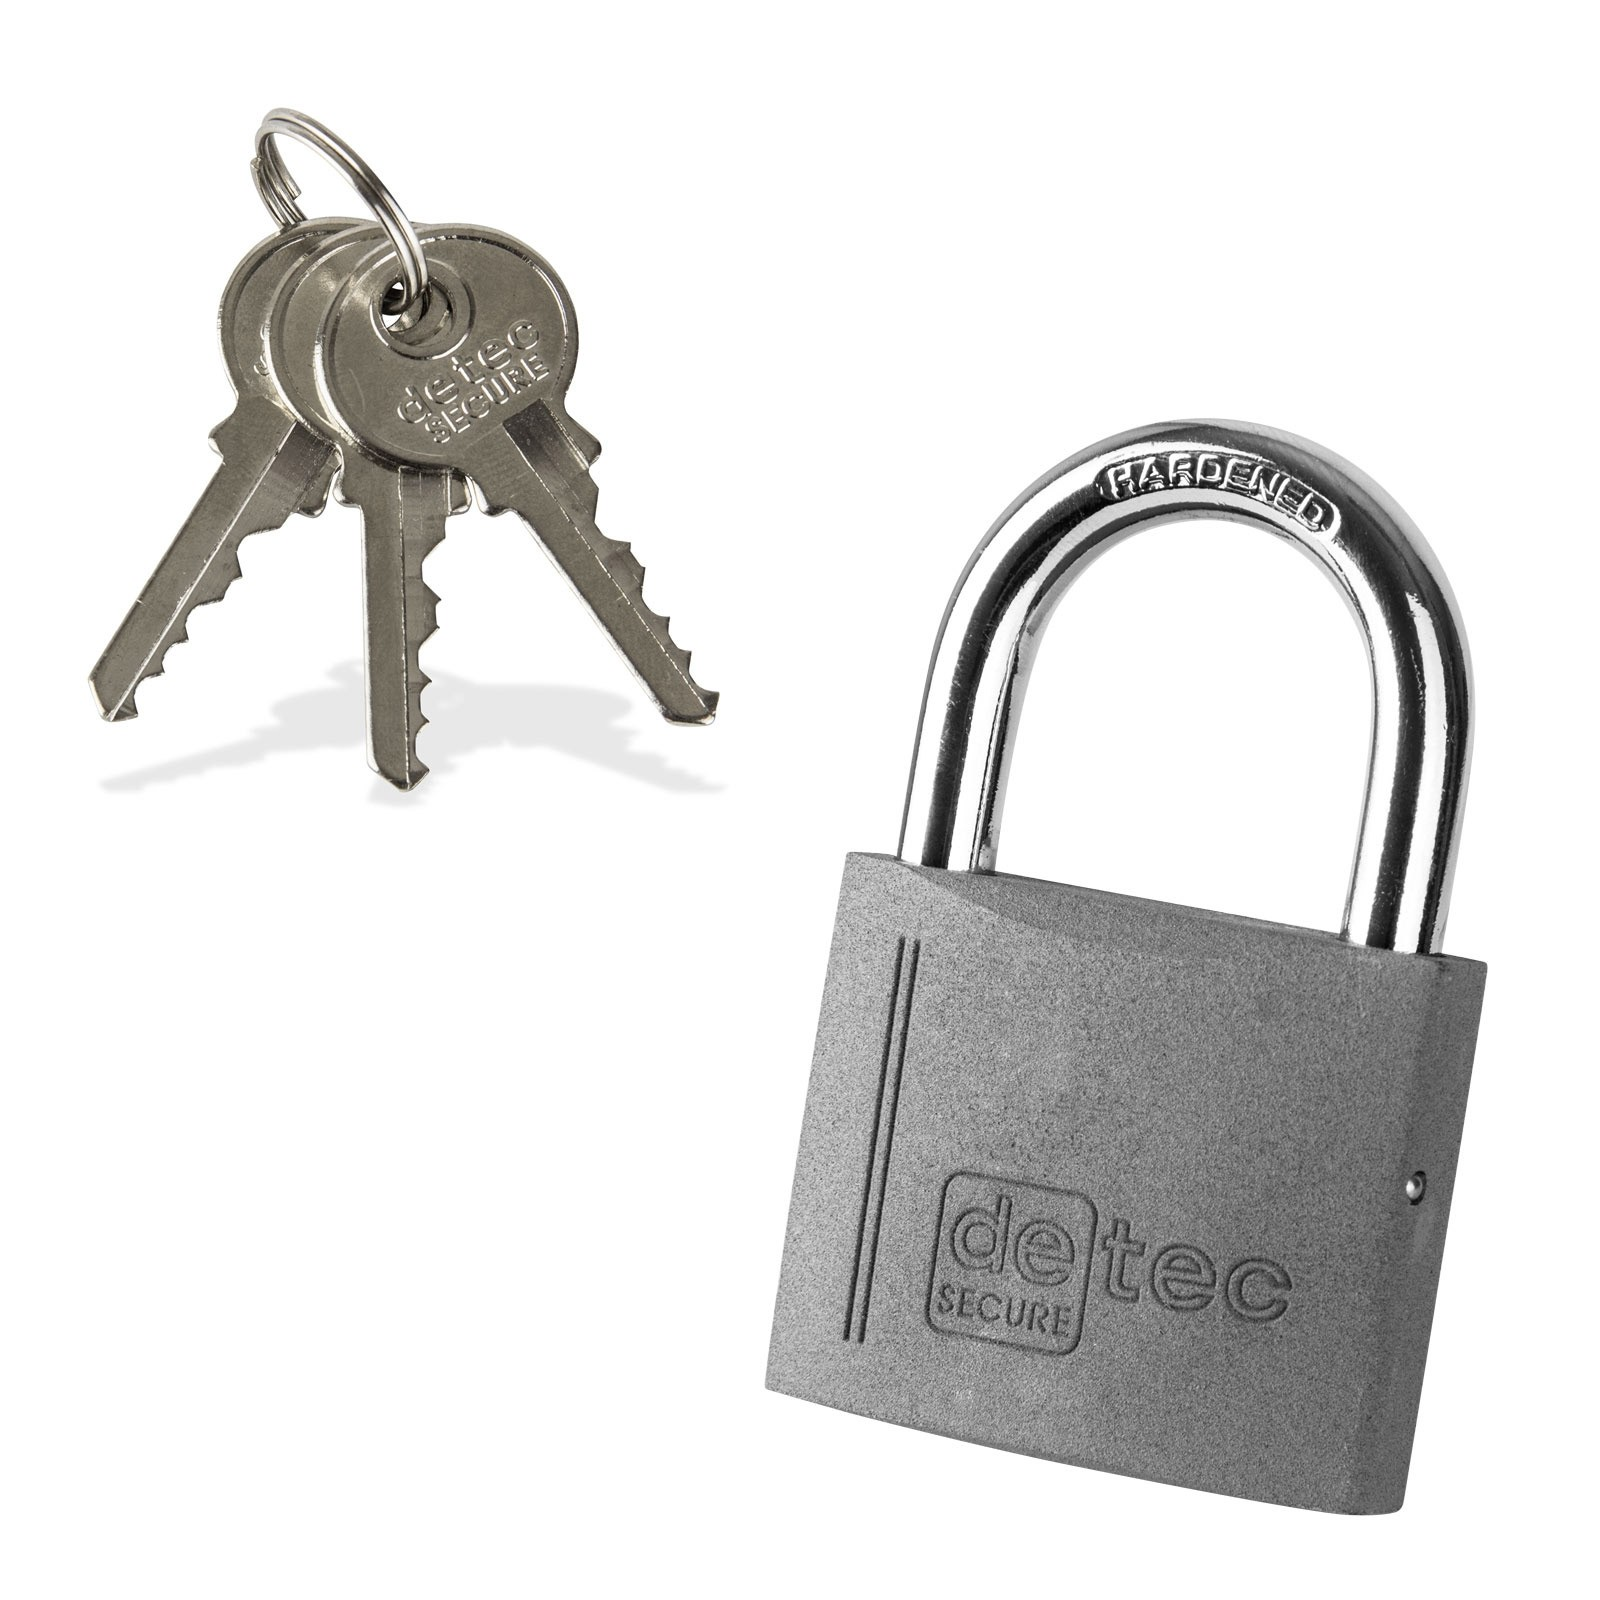 Dema Vorhängeschloss / Bügelschloss / Sicherheitsschloss VS40 mit 3 Schlüssel 21672